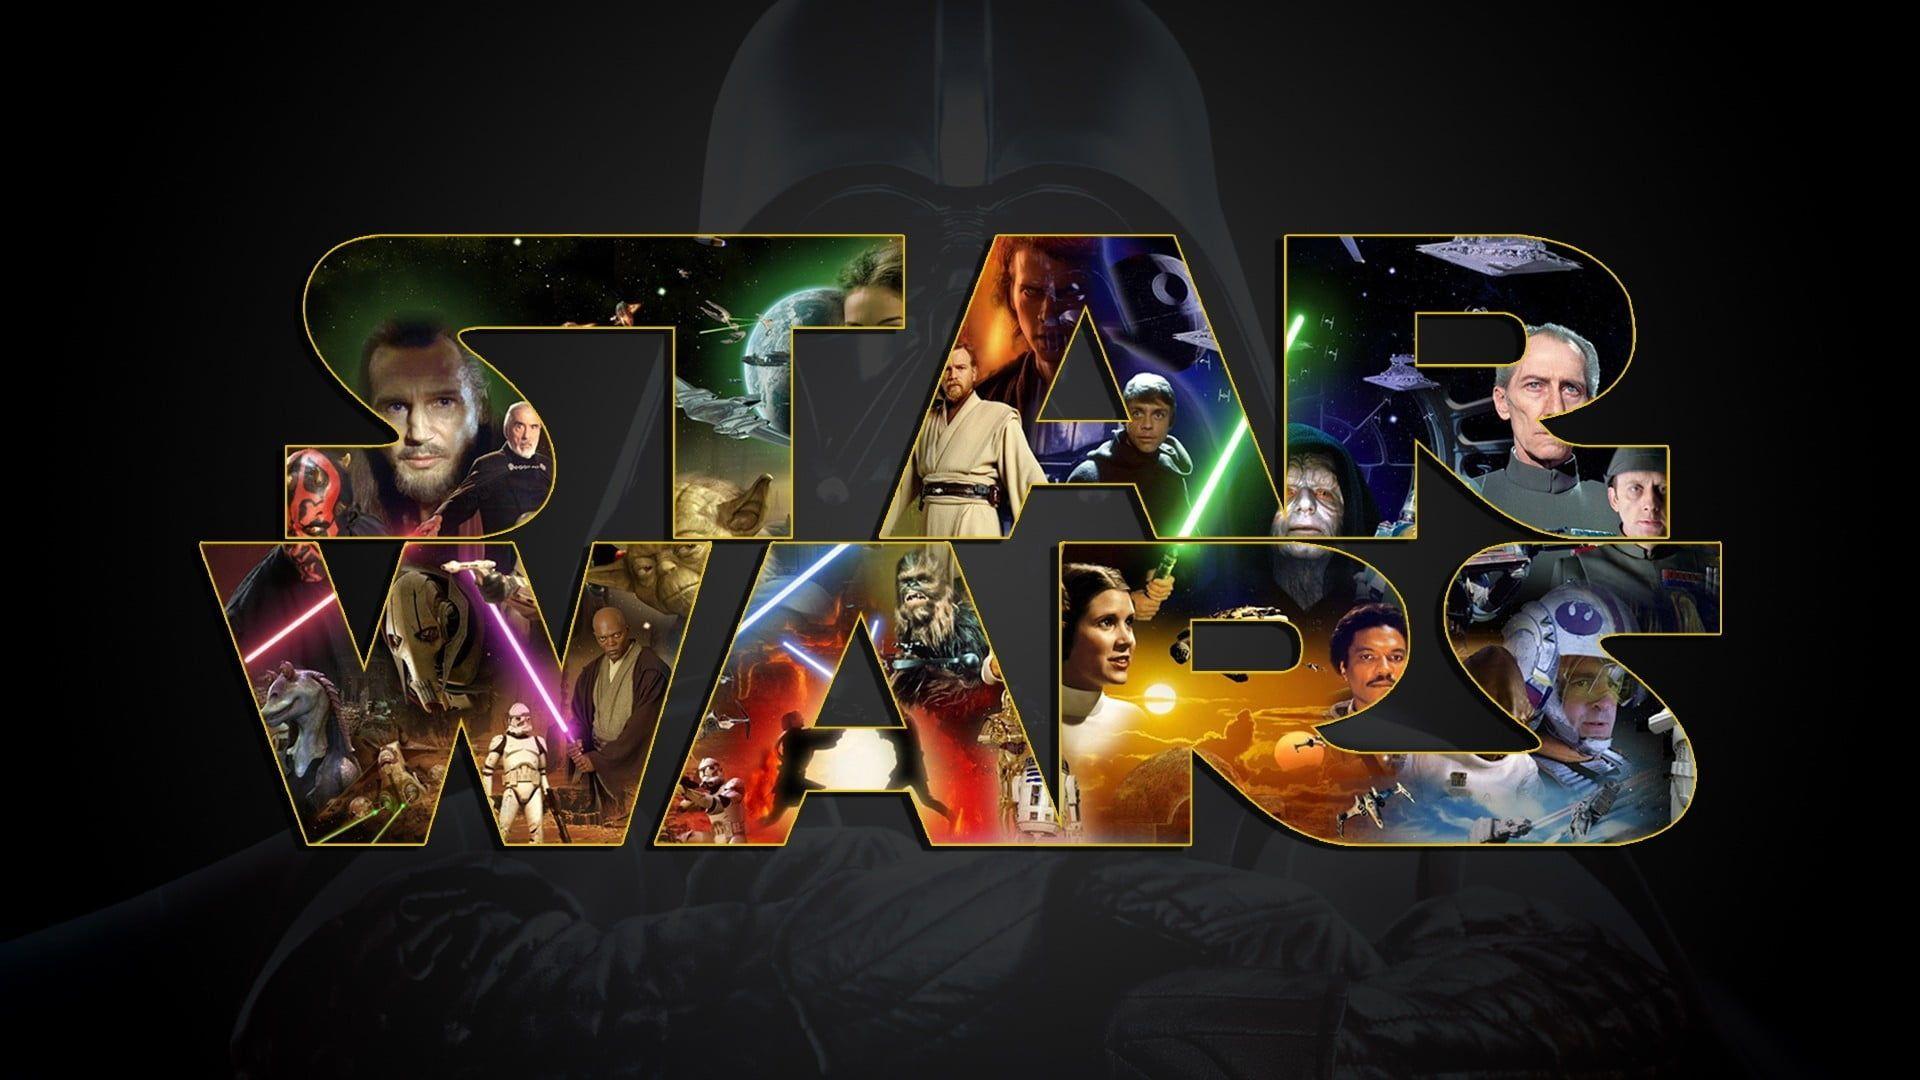 Star Wars Loog Movies Star Wars Collage 1080p Wallpaper Hdwallpaper Desktop Star Wars Wallpaper Star Wars Poster Star Wars Watch